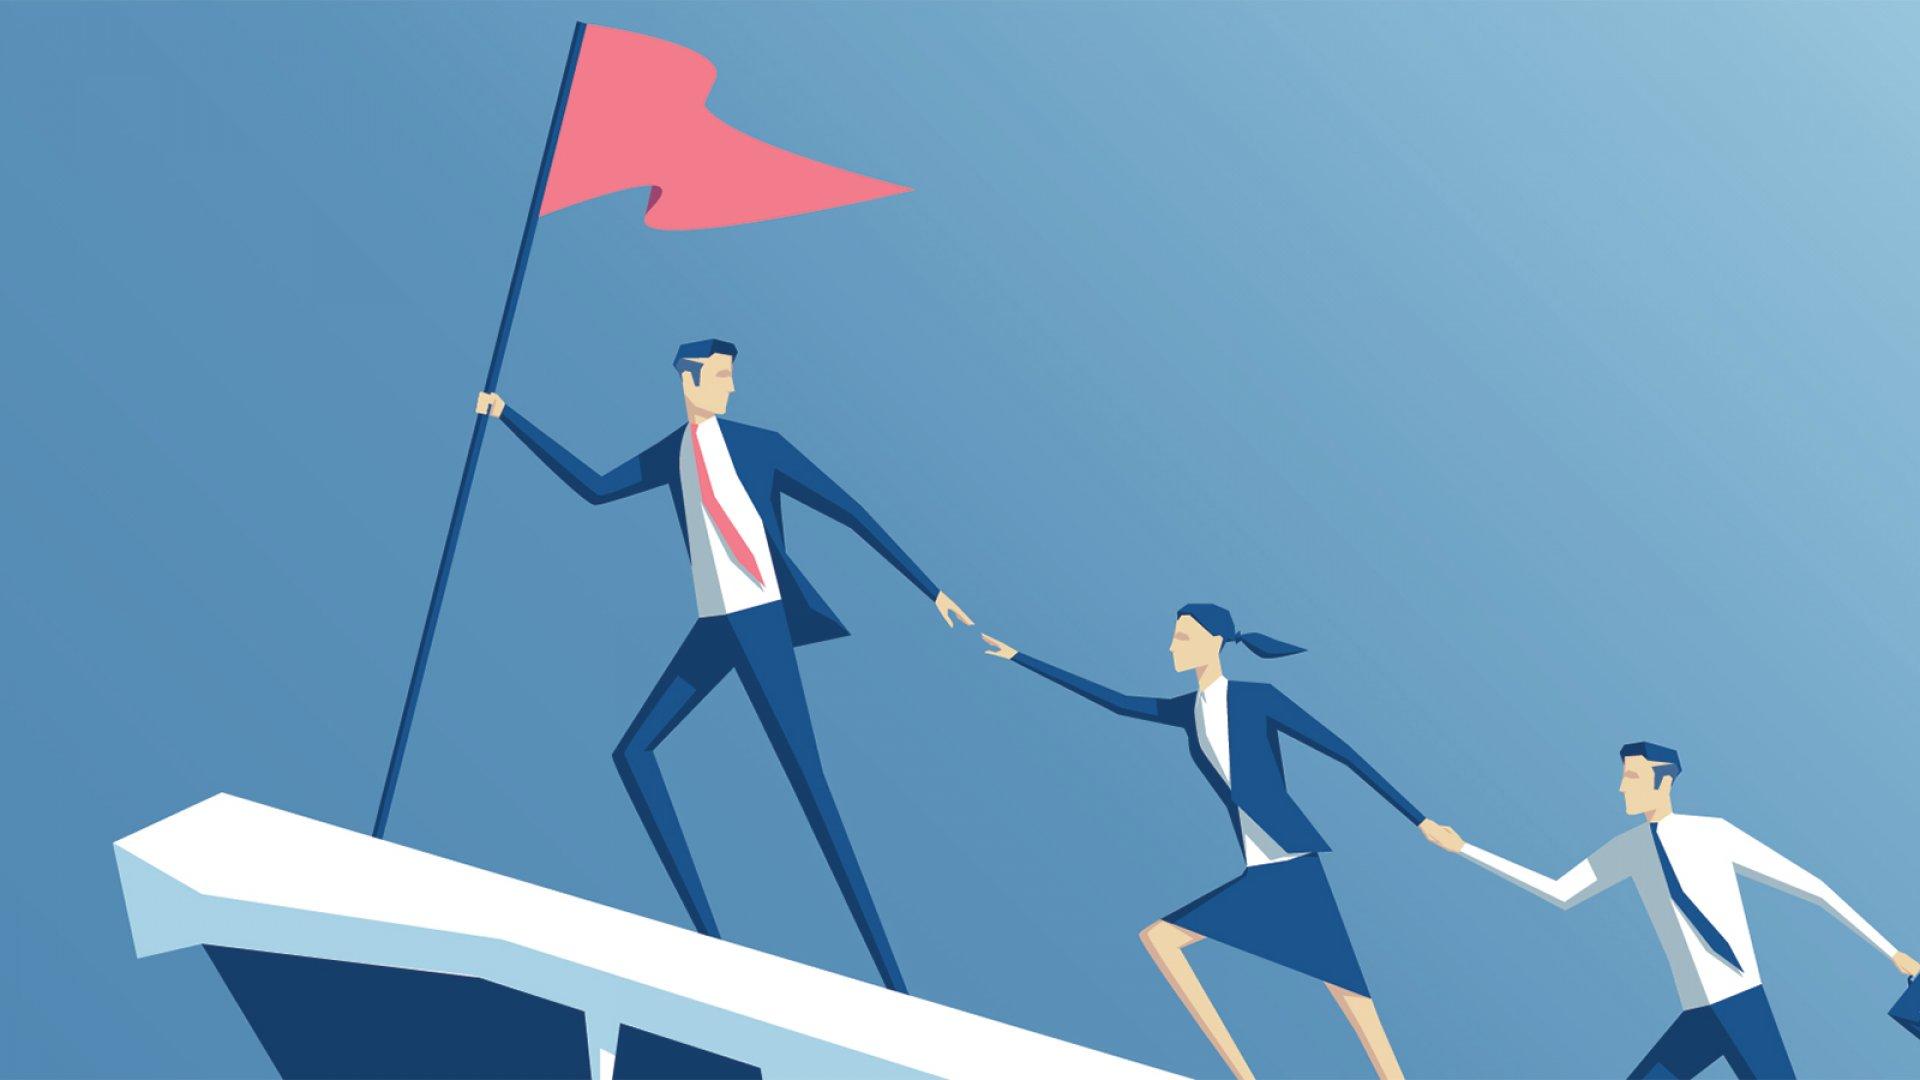 آیا رهبران و مدیران از بقیه باهوش تر هستند